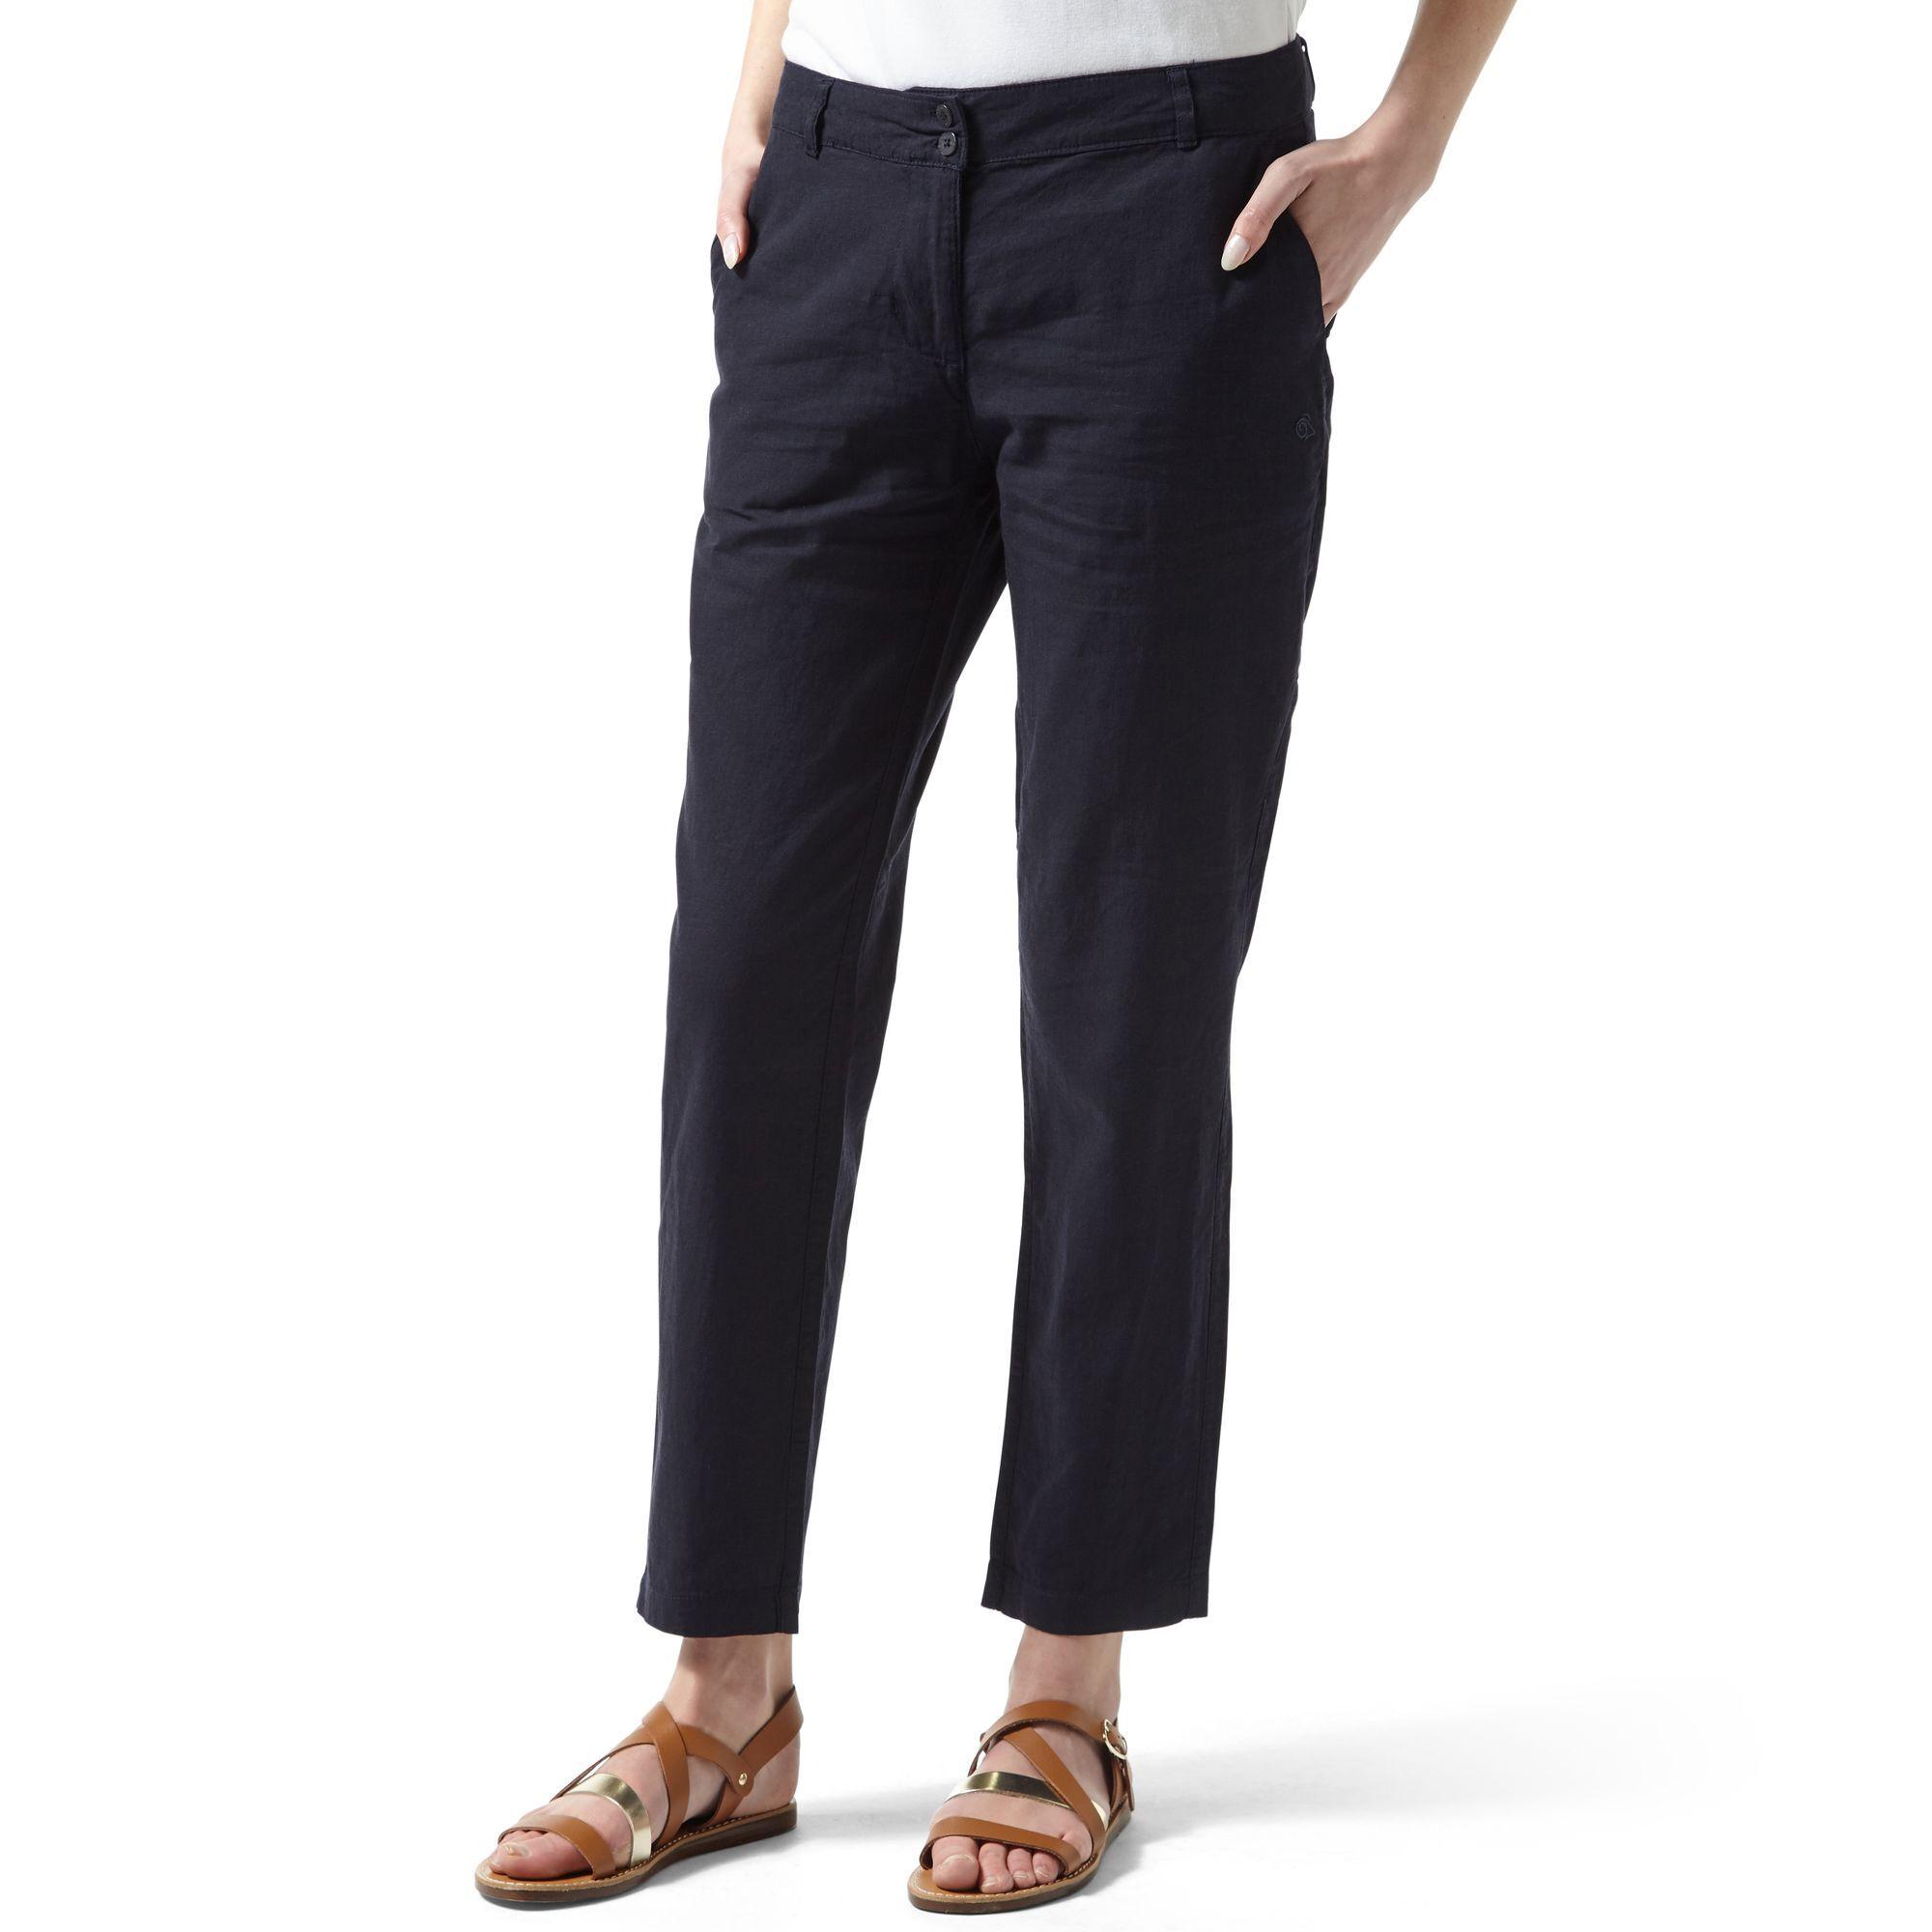 Craghoppers Odette - Pantalon Classique - Femme (Bleu marine foncé) - UTCG528